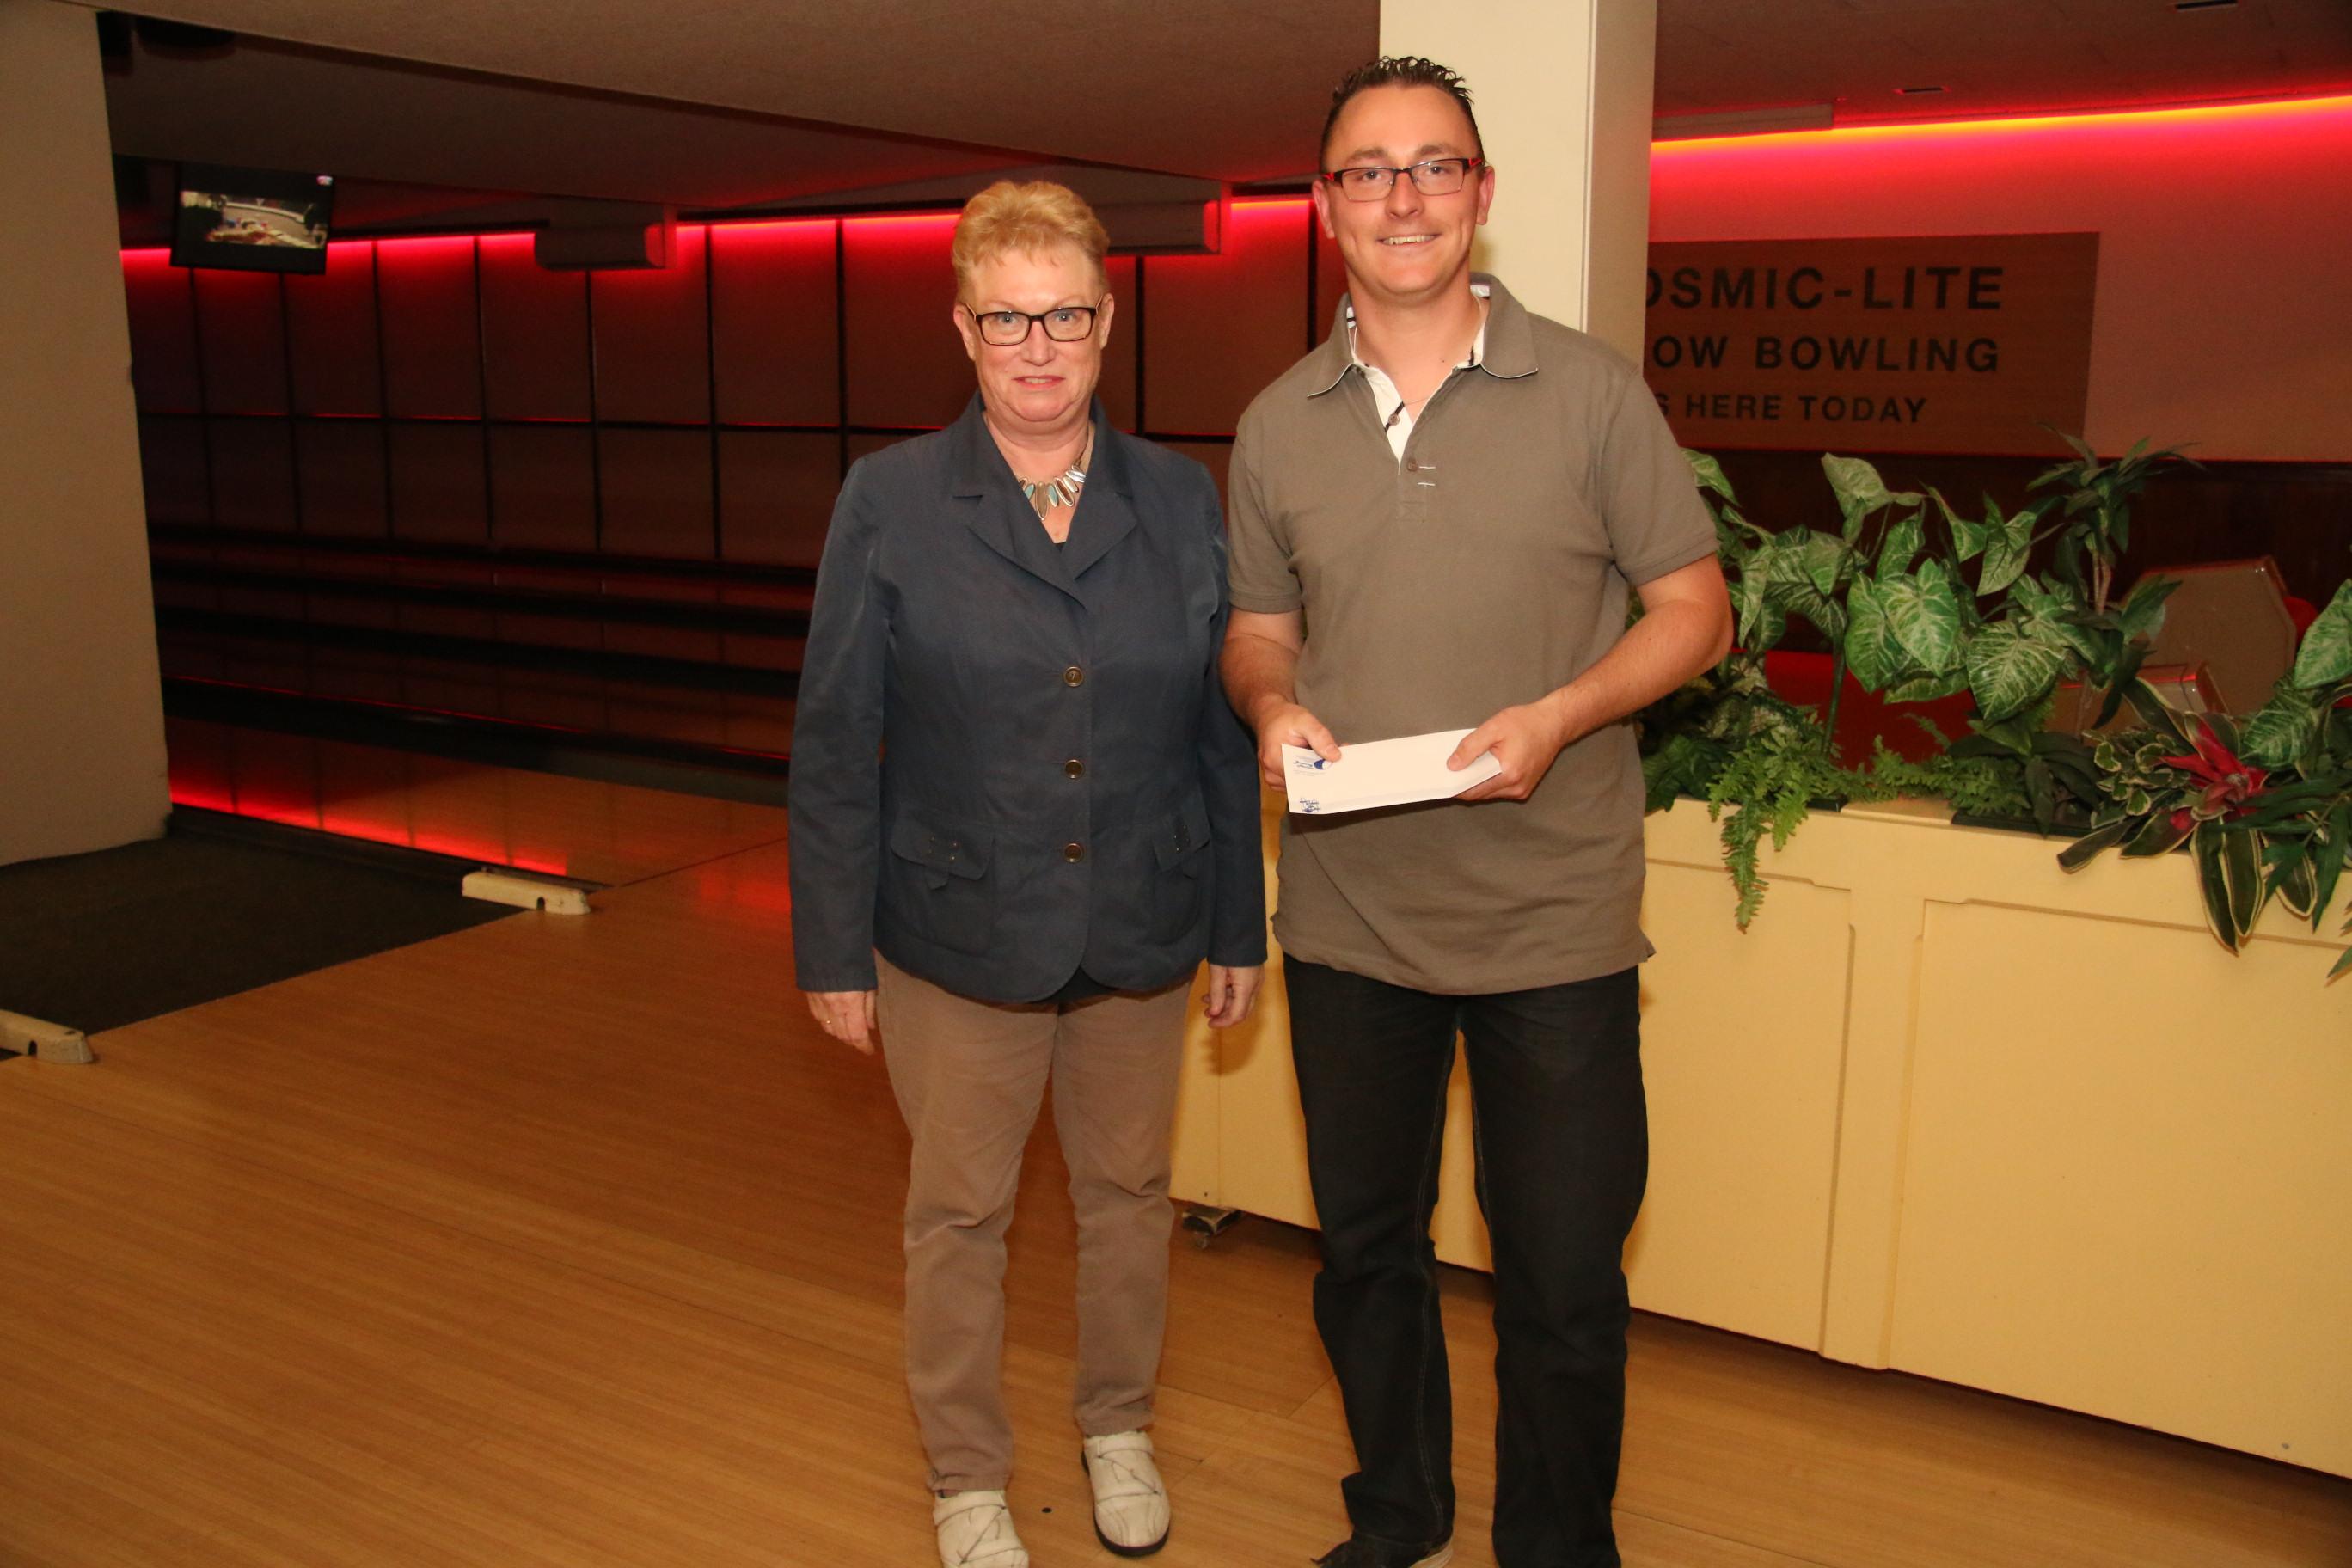 http://www.bowlingverenigingheiloo.nl/fotos_verhalen/foto's/2014_0520-Huisleaguestijgprijs2013-2014-JoopKampen.jpg